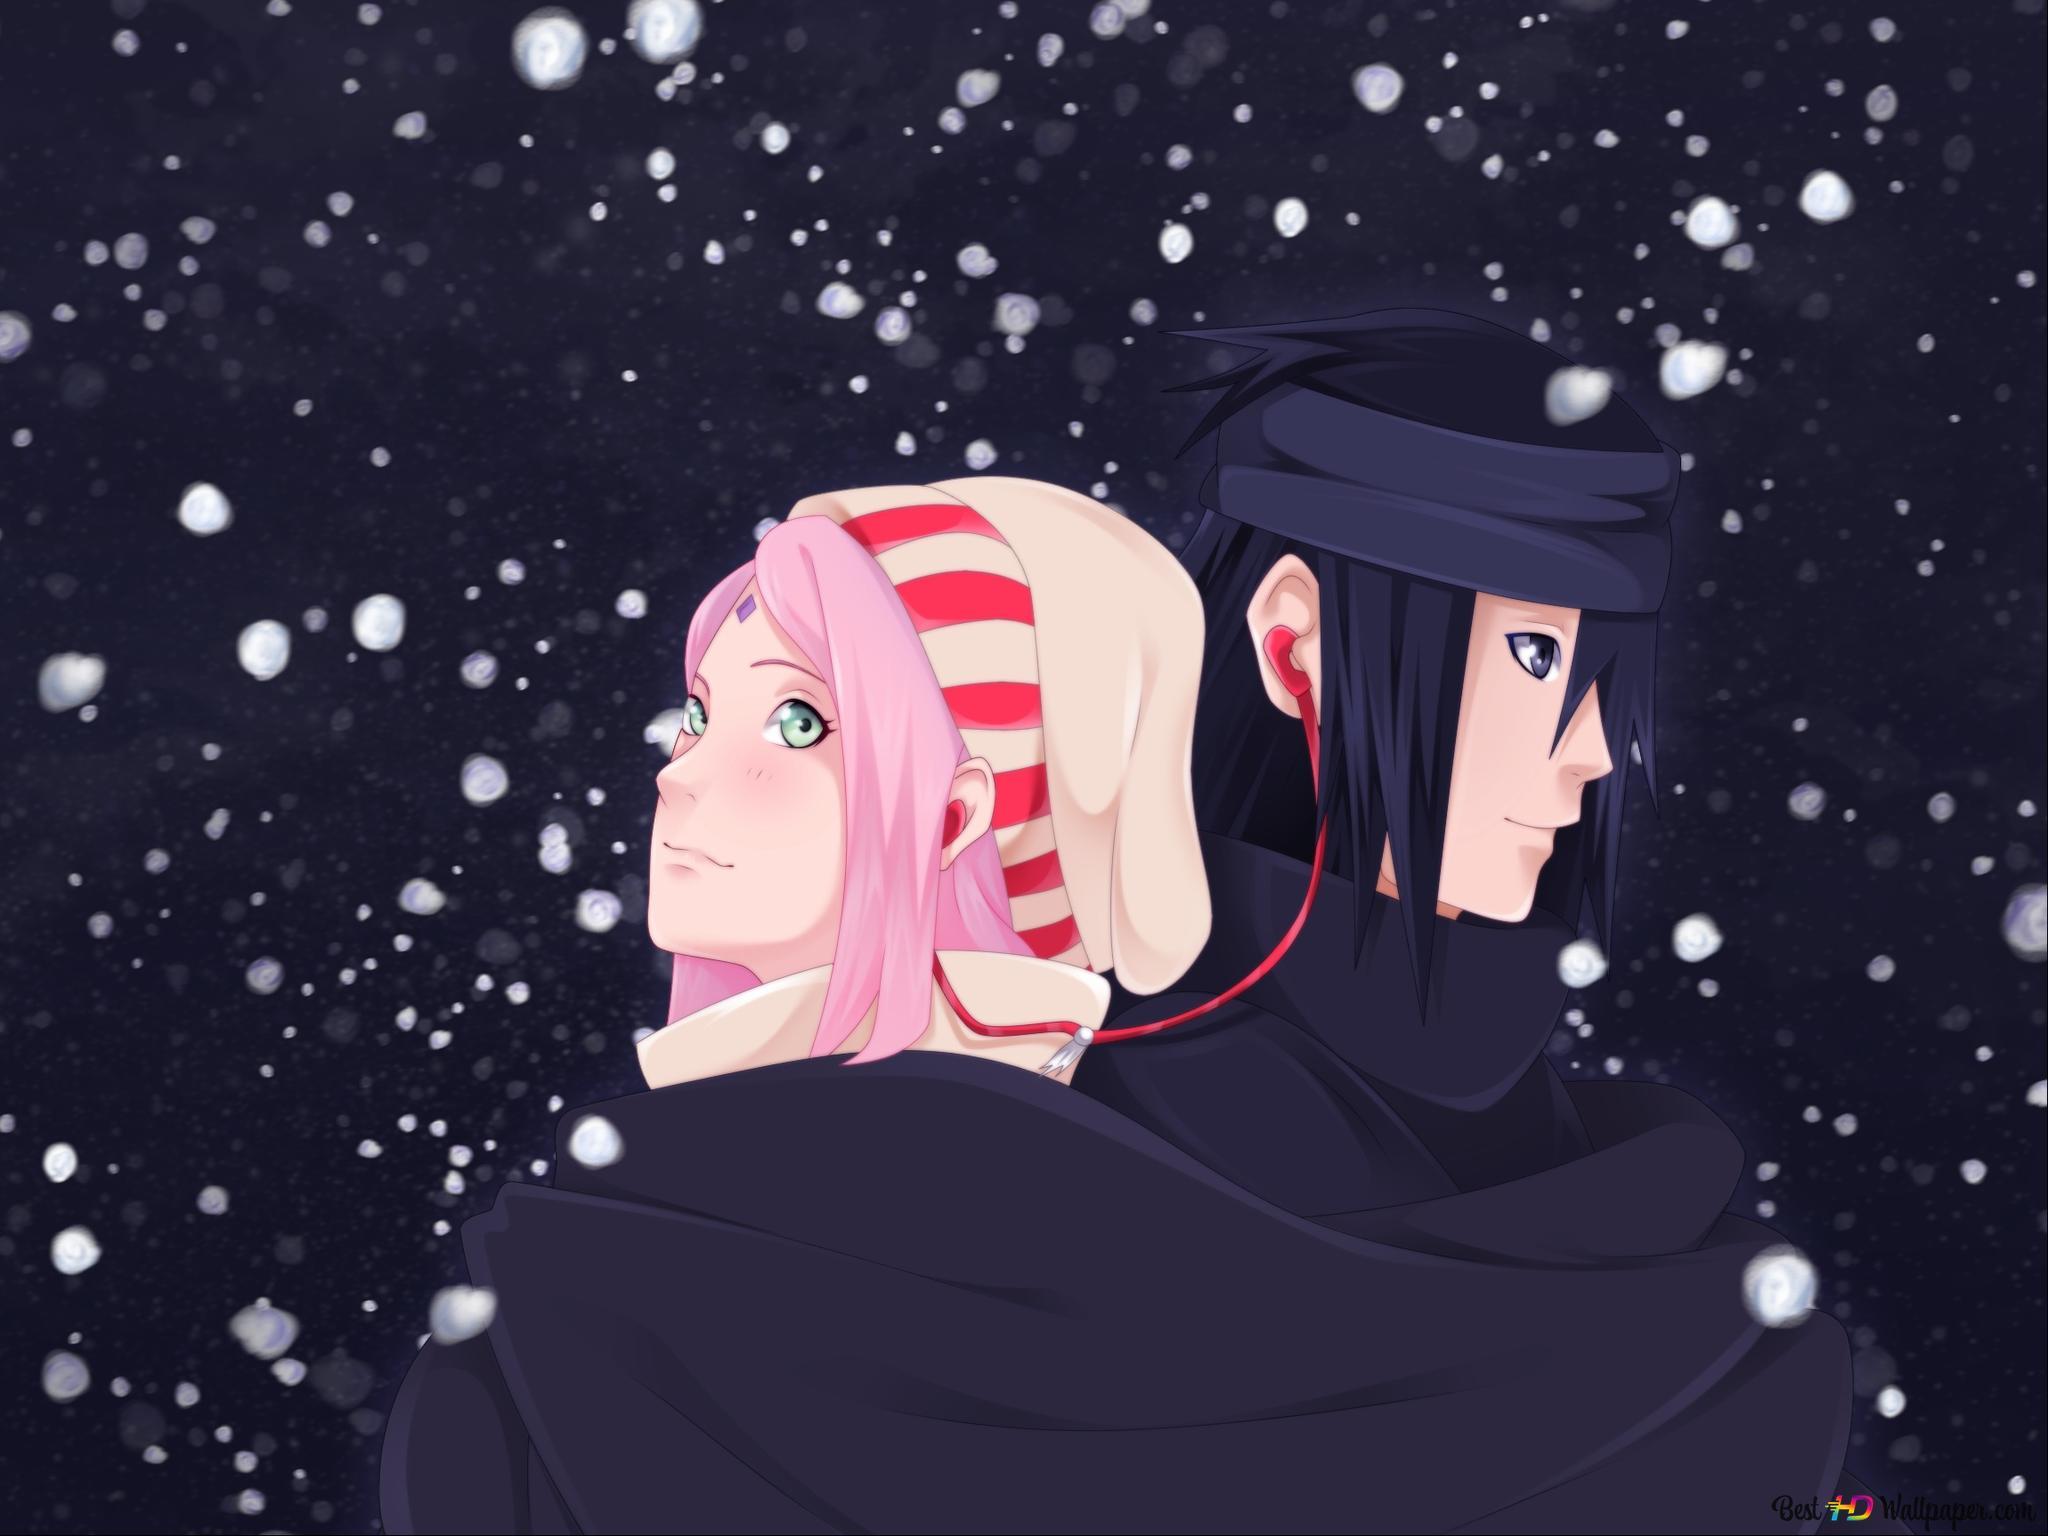 Naruto Shippuden - Sakura Haruno & Sasuke Uchiha HD